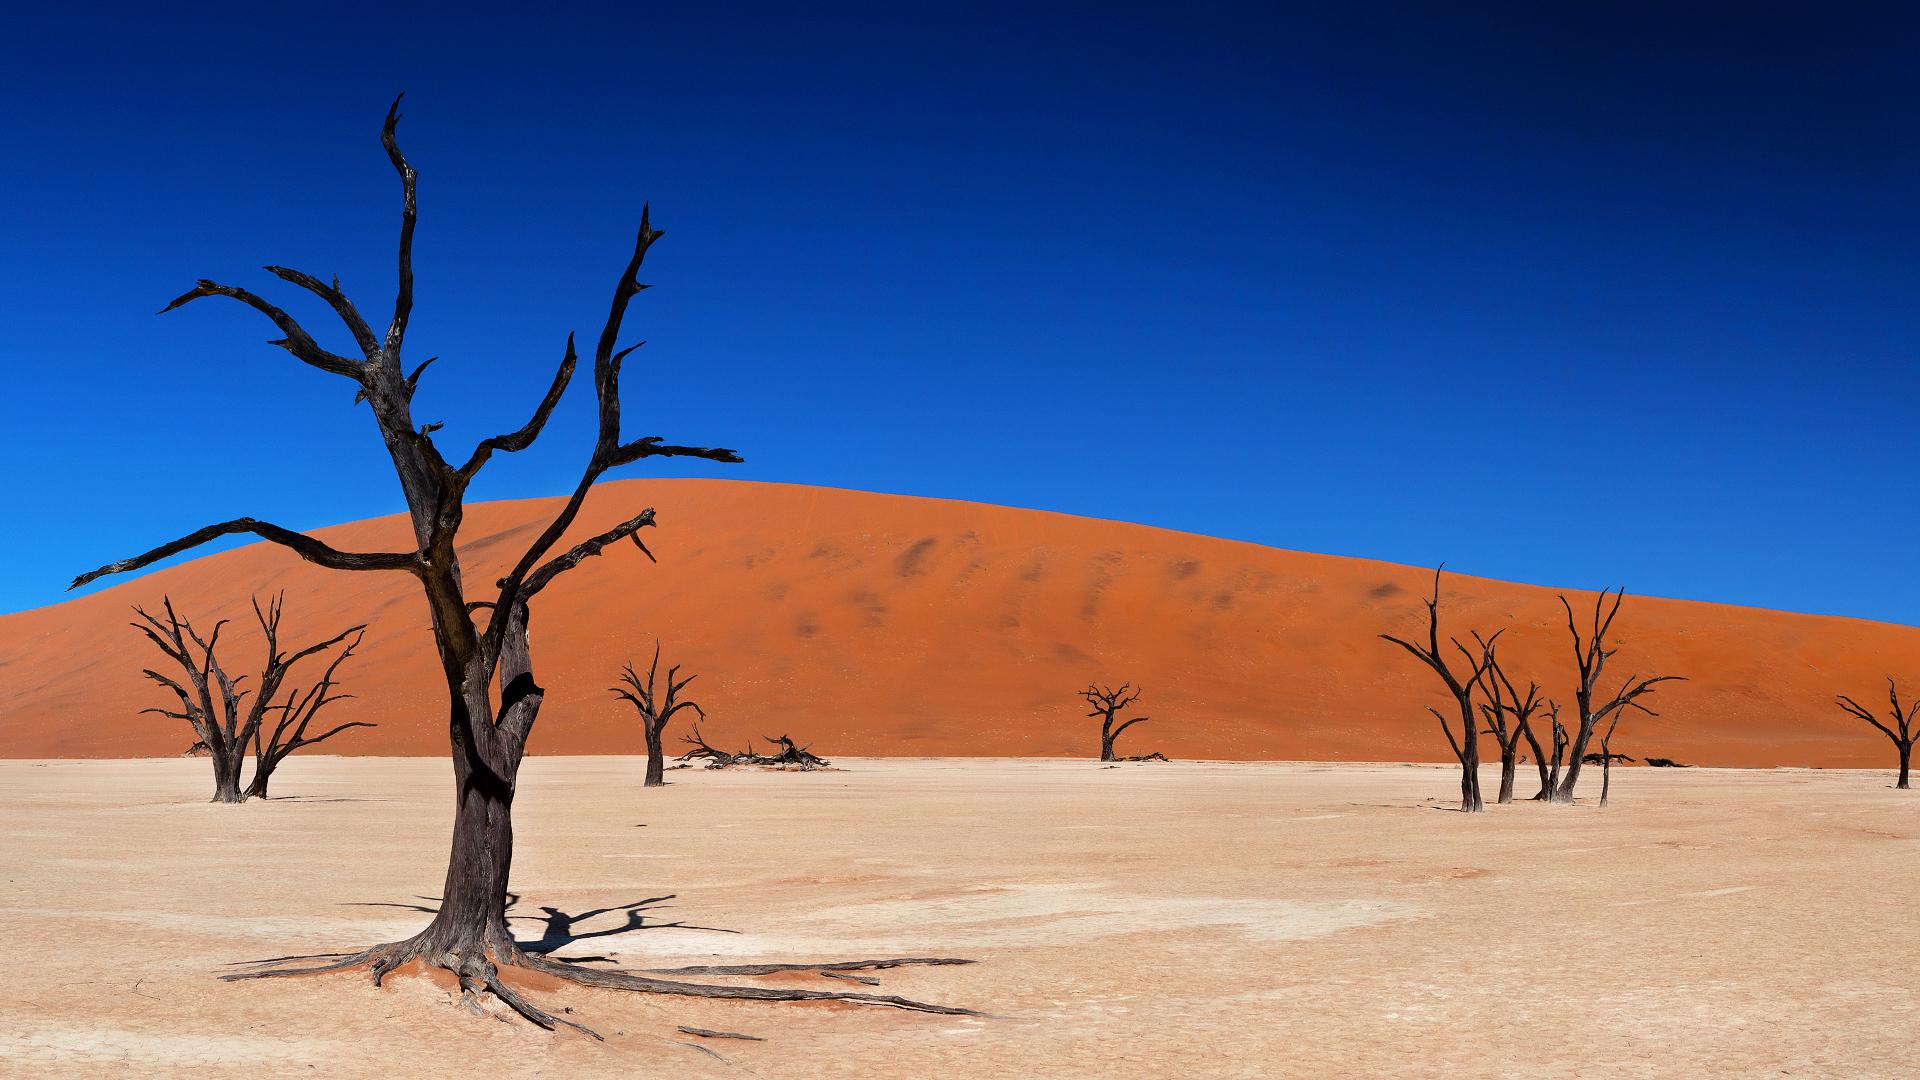 desert landscape wallpaper - photo #16